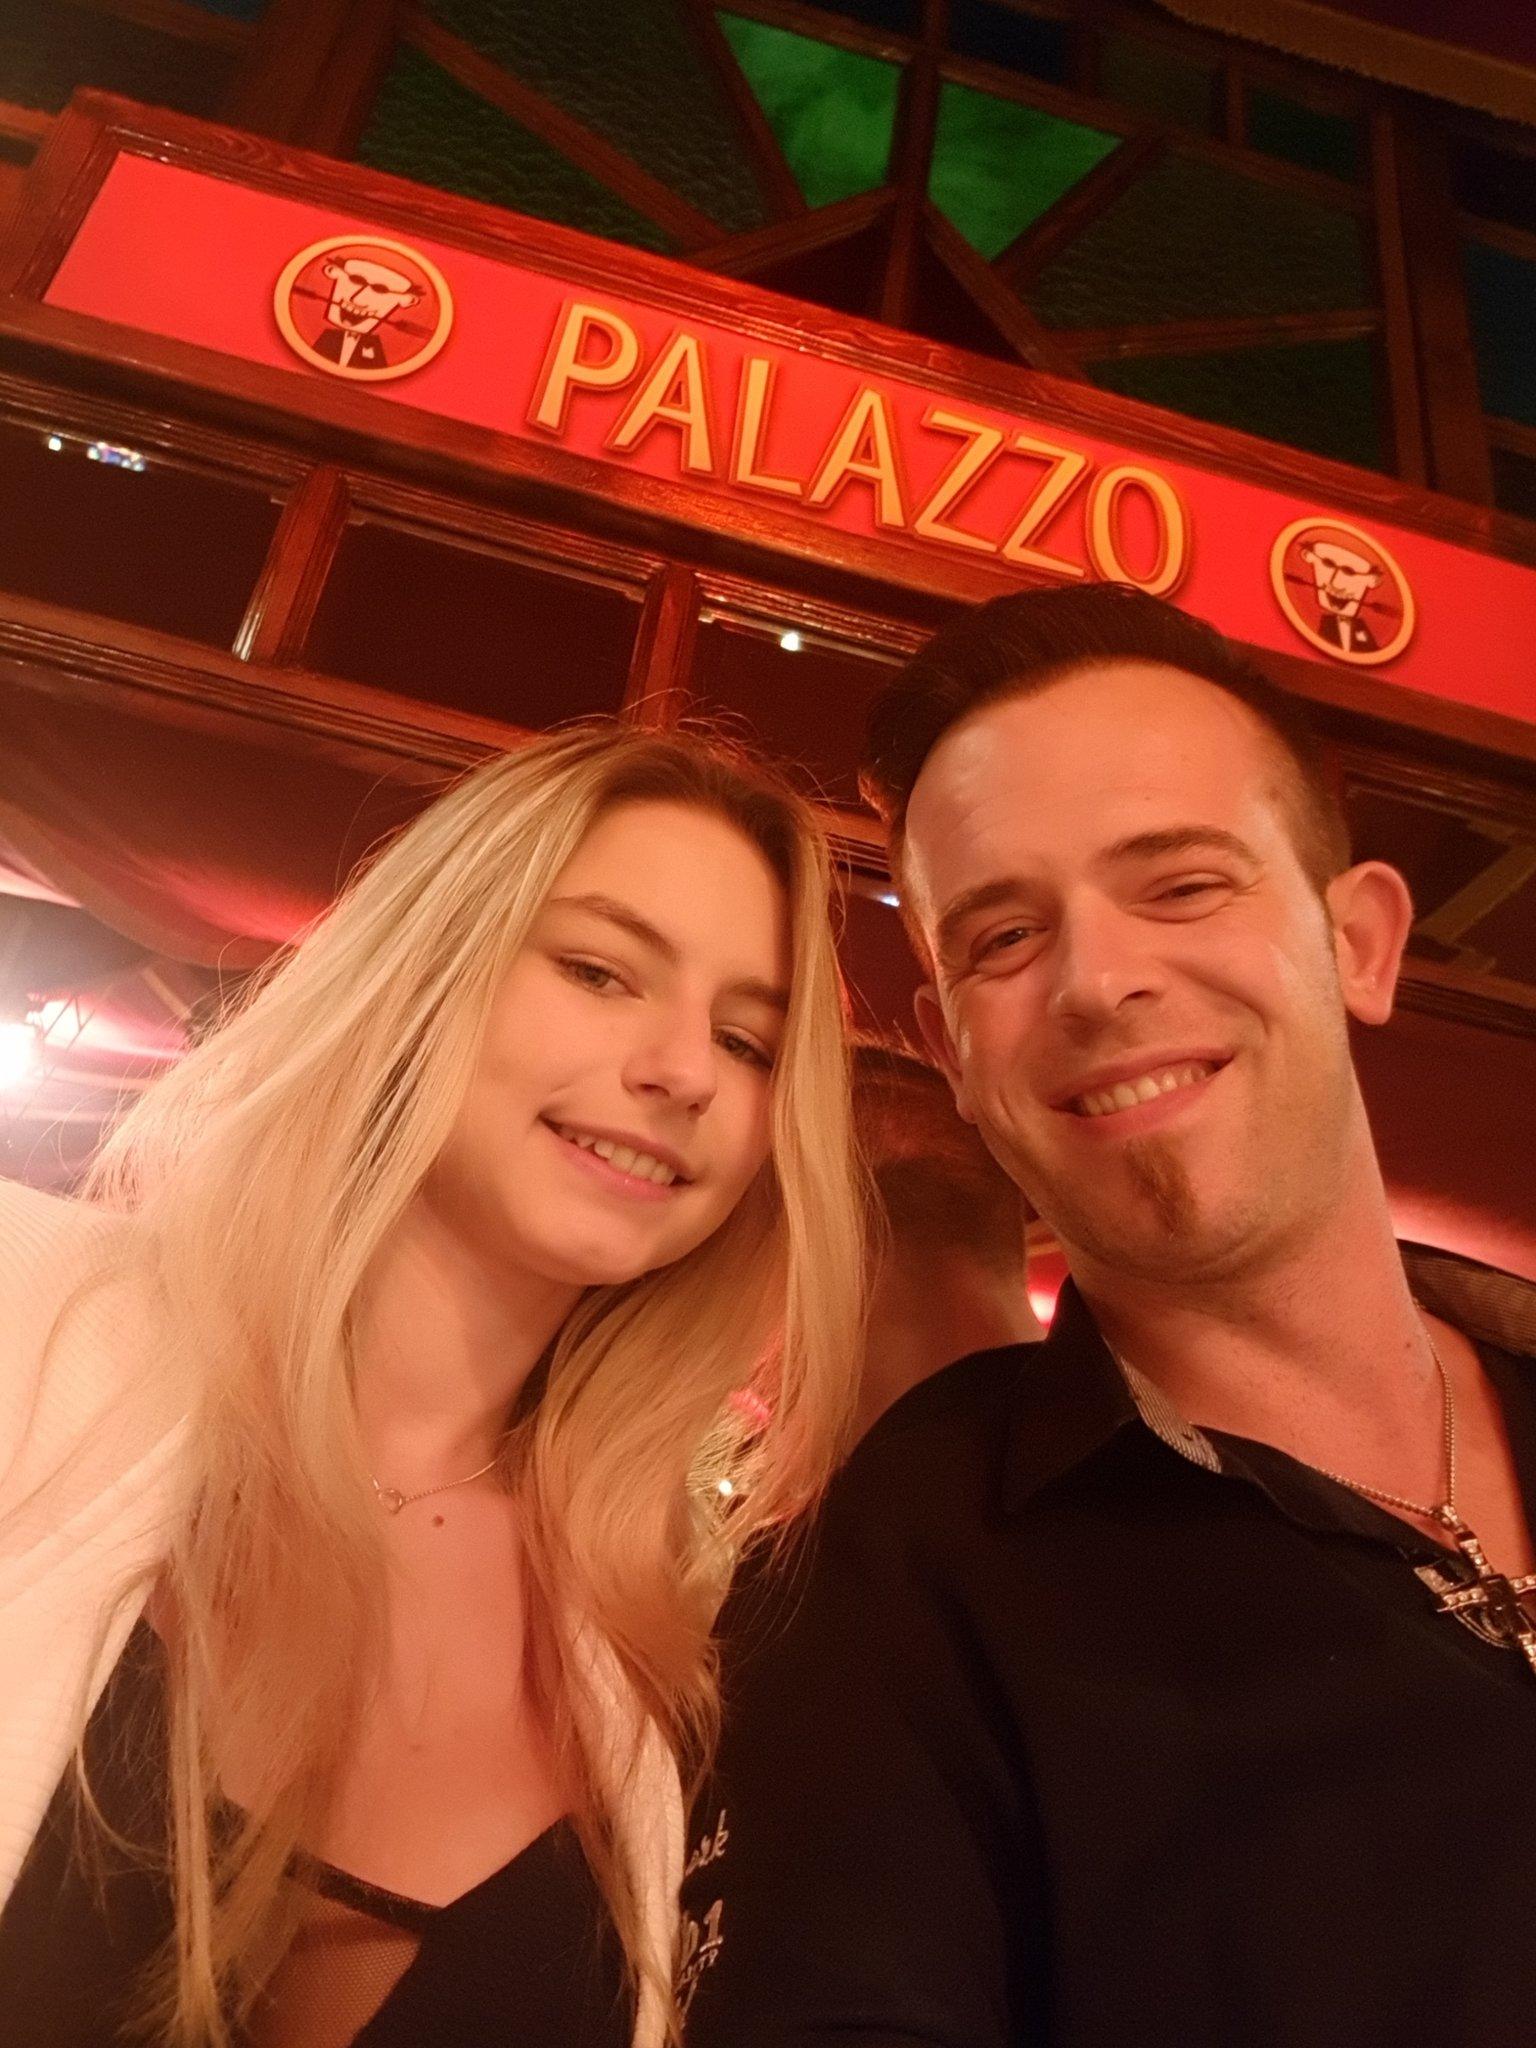 Blitz dating aus pichling bei kflach - Sexdate in Windischeschenbach